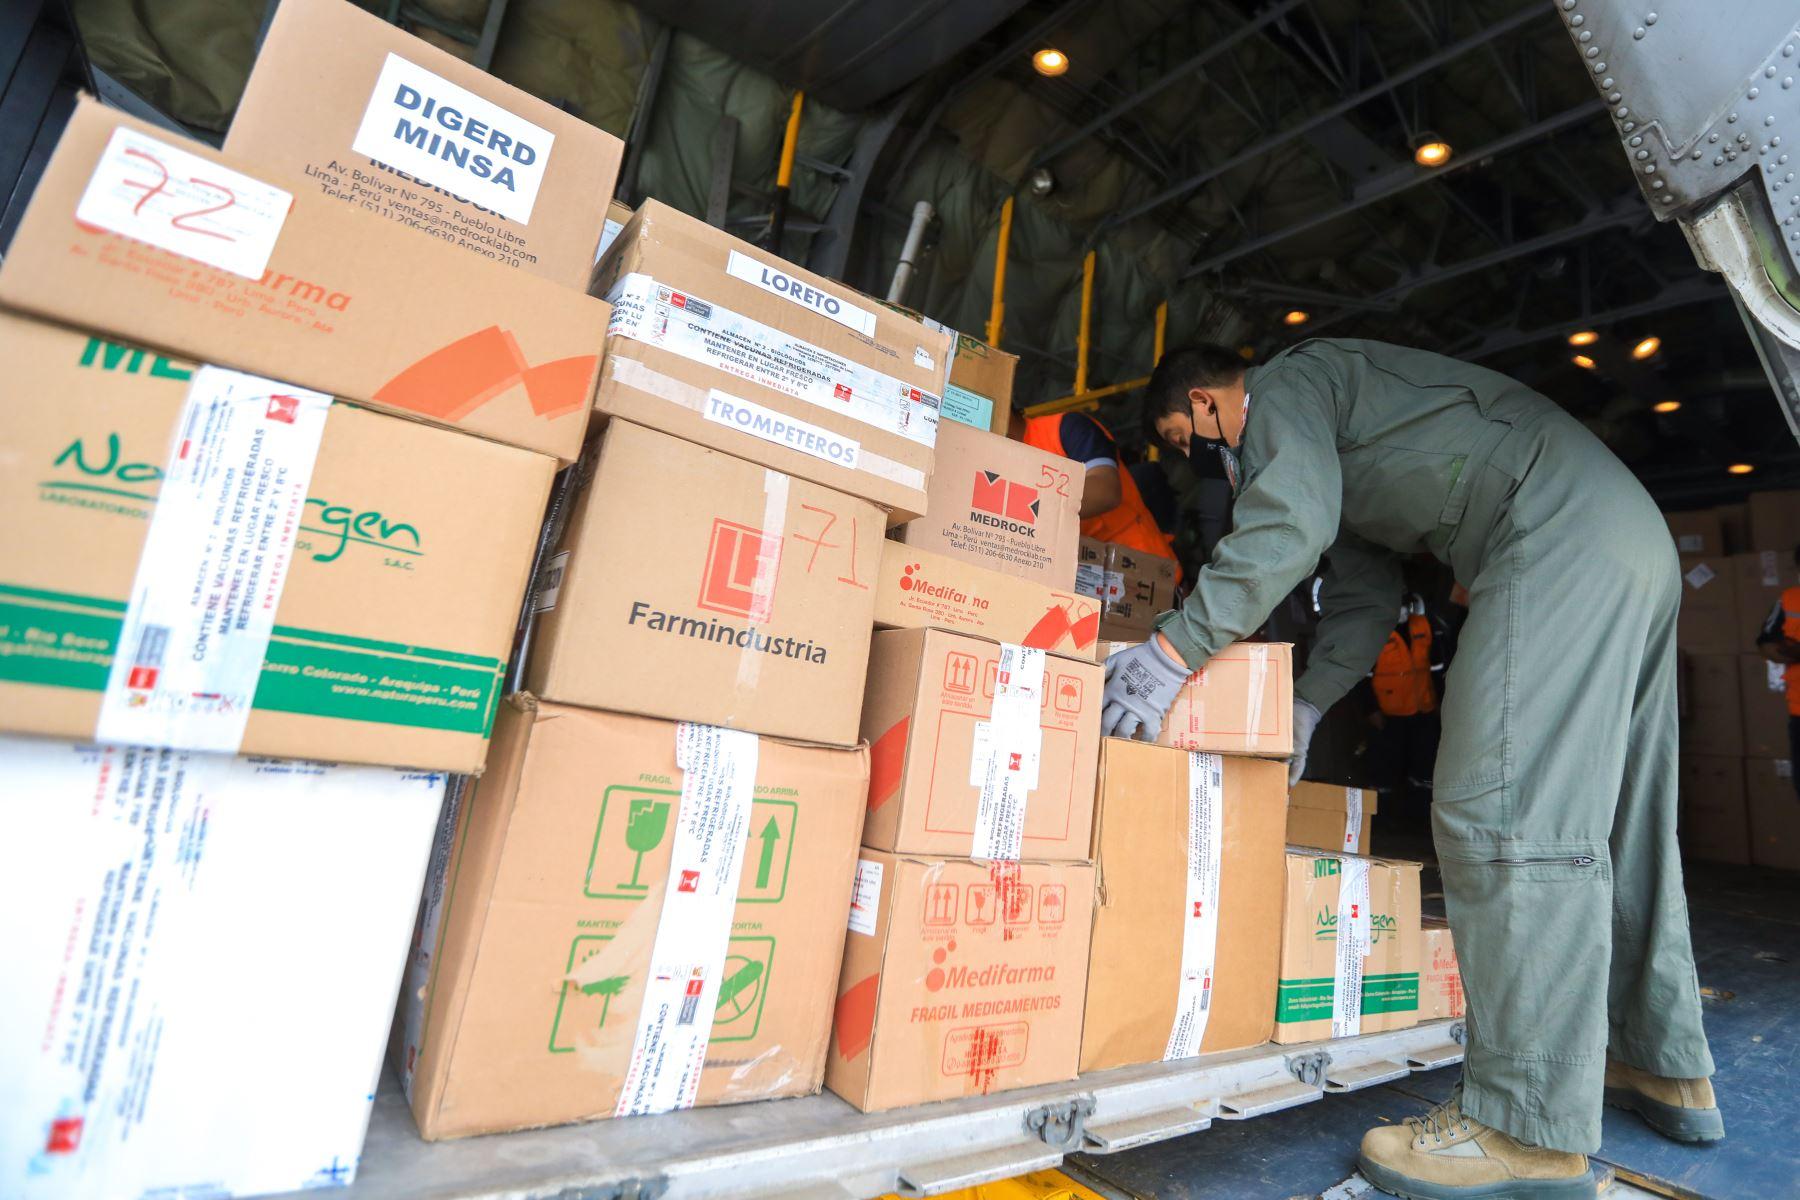 El ministerio de Salud, a través de un vuelo coordinado con la FAP, envió 479 concentradores de oxígeno para cubrir la atención de pacientes con covid-19 de las comunidades indígenas más alejadas de las provincias de Maynas, Alto Amazonas, Requena y Mariscal Castilla, en Loreto. Foto: ANDINA/Minsa